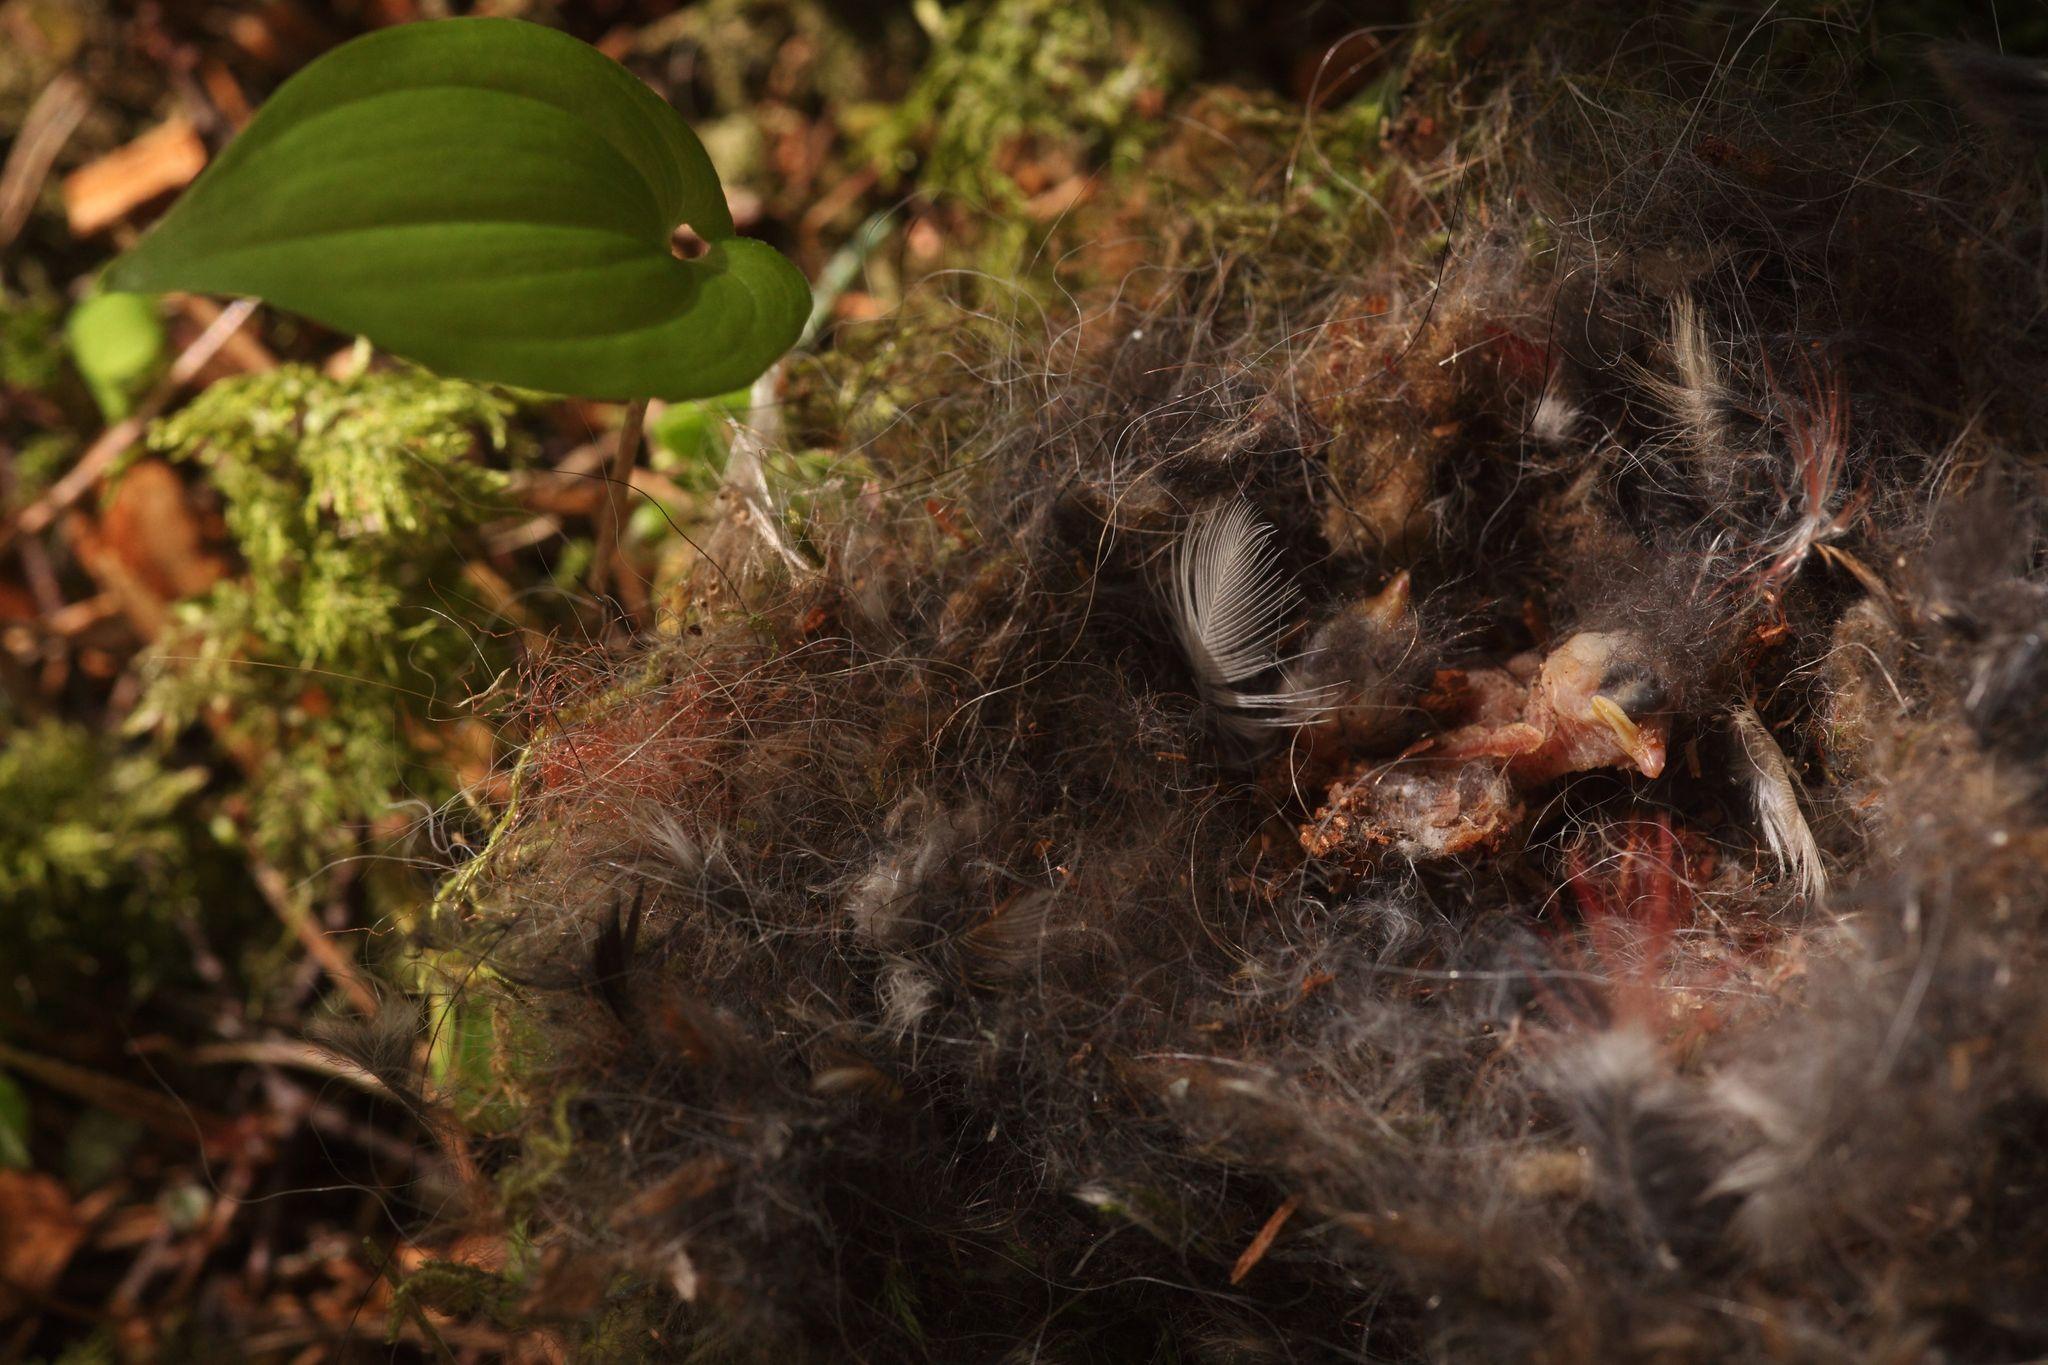 Foto: Kiskluse ohvriks langenud lind/Karl Adami